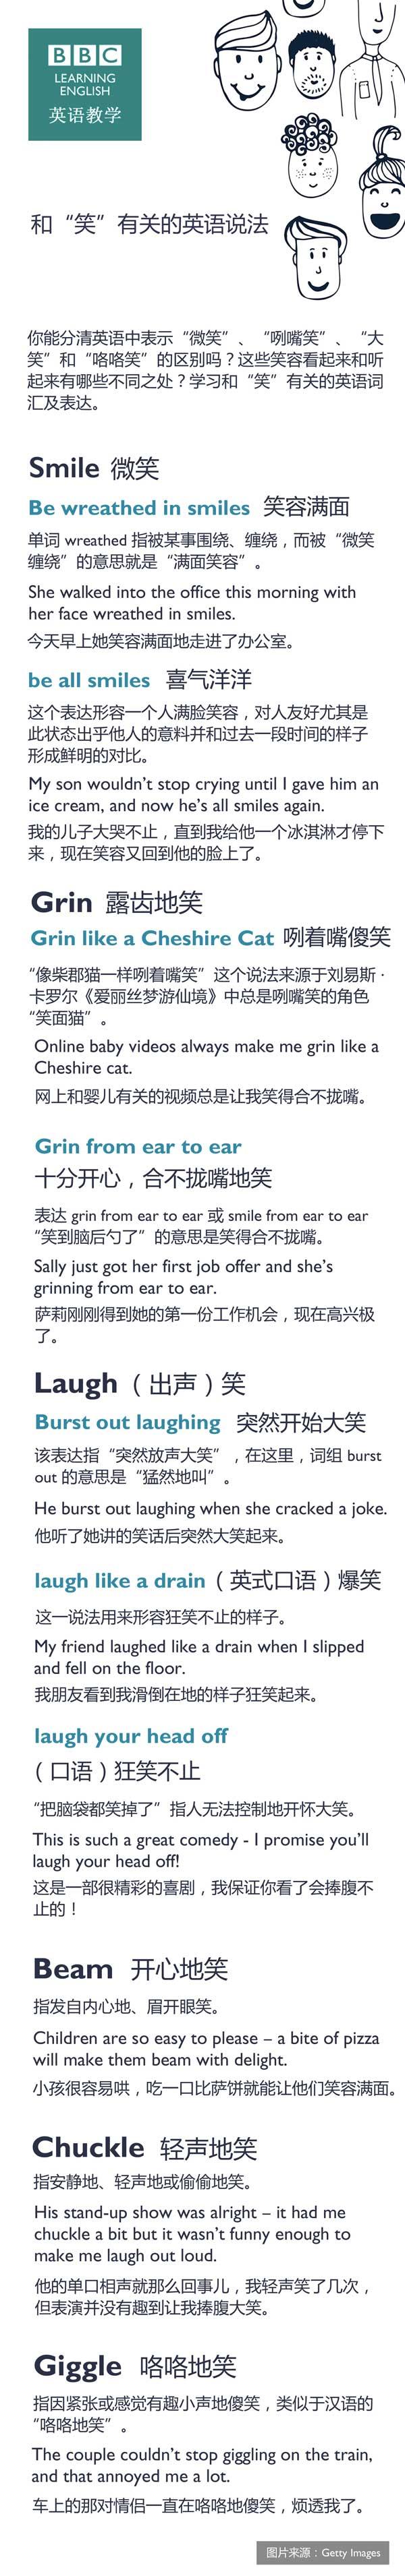 """【新闻纵横】no. 29——和""""笑""""有关的英语说法"""